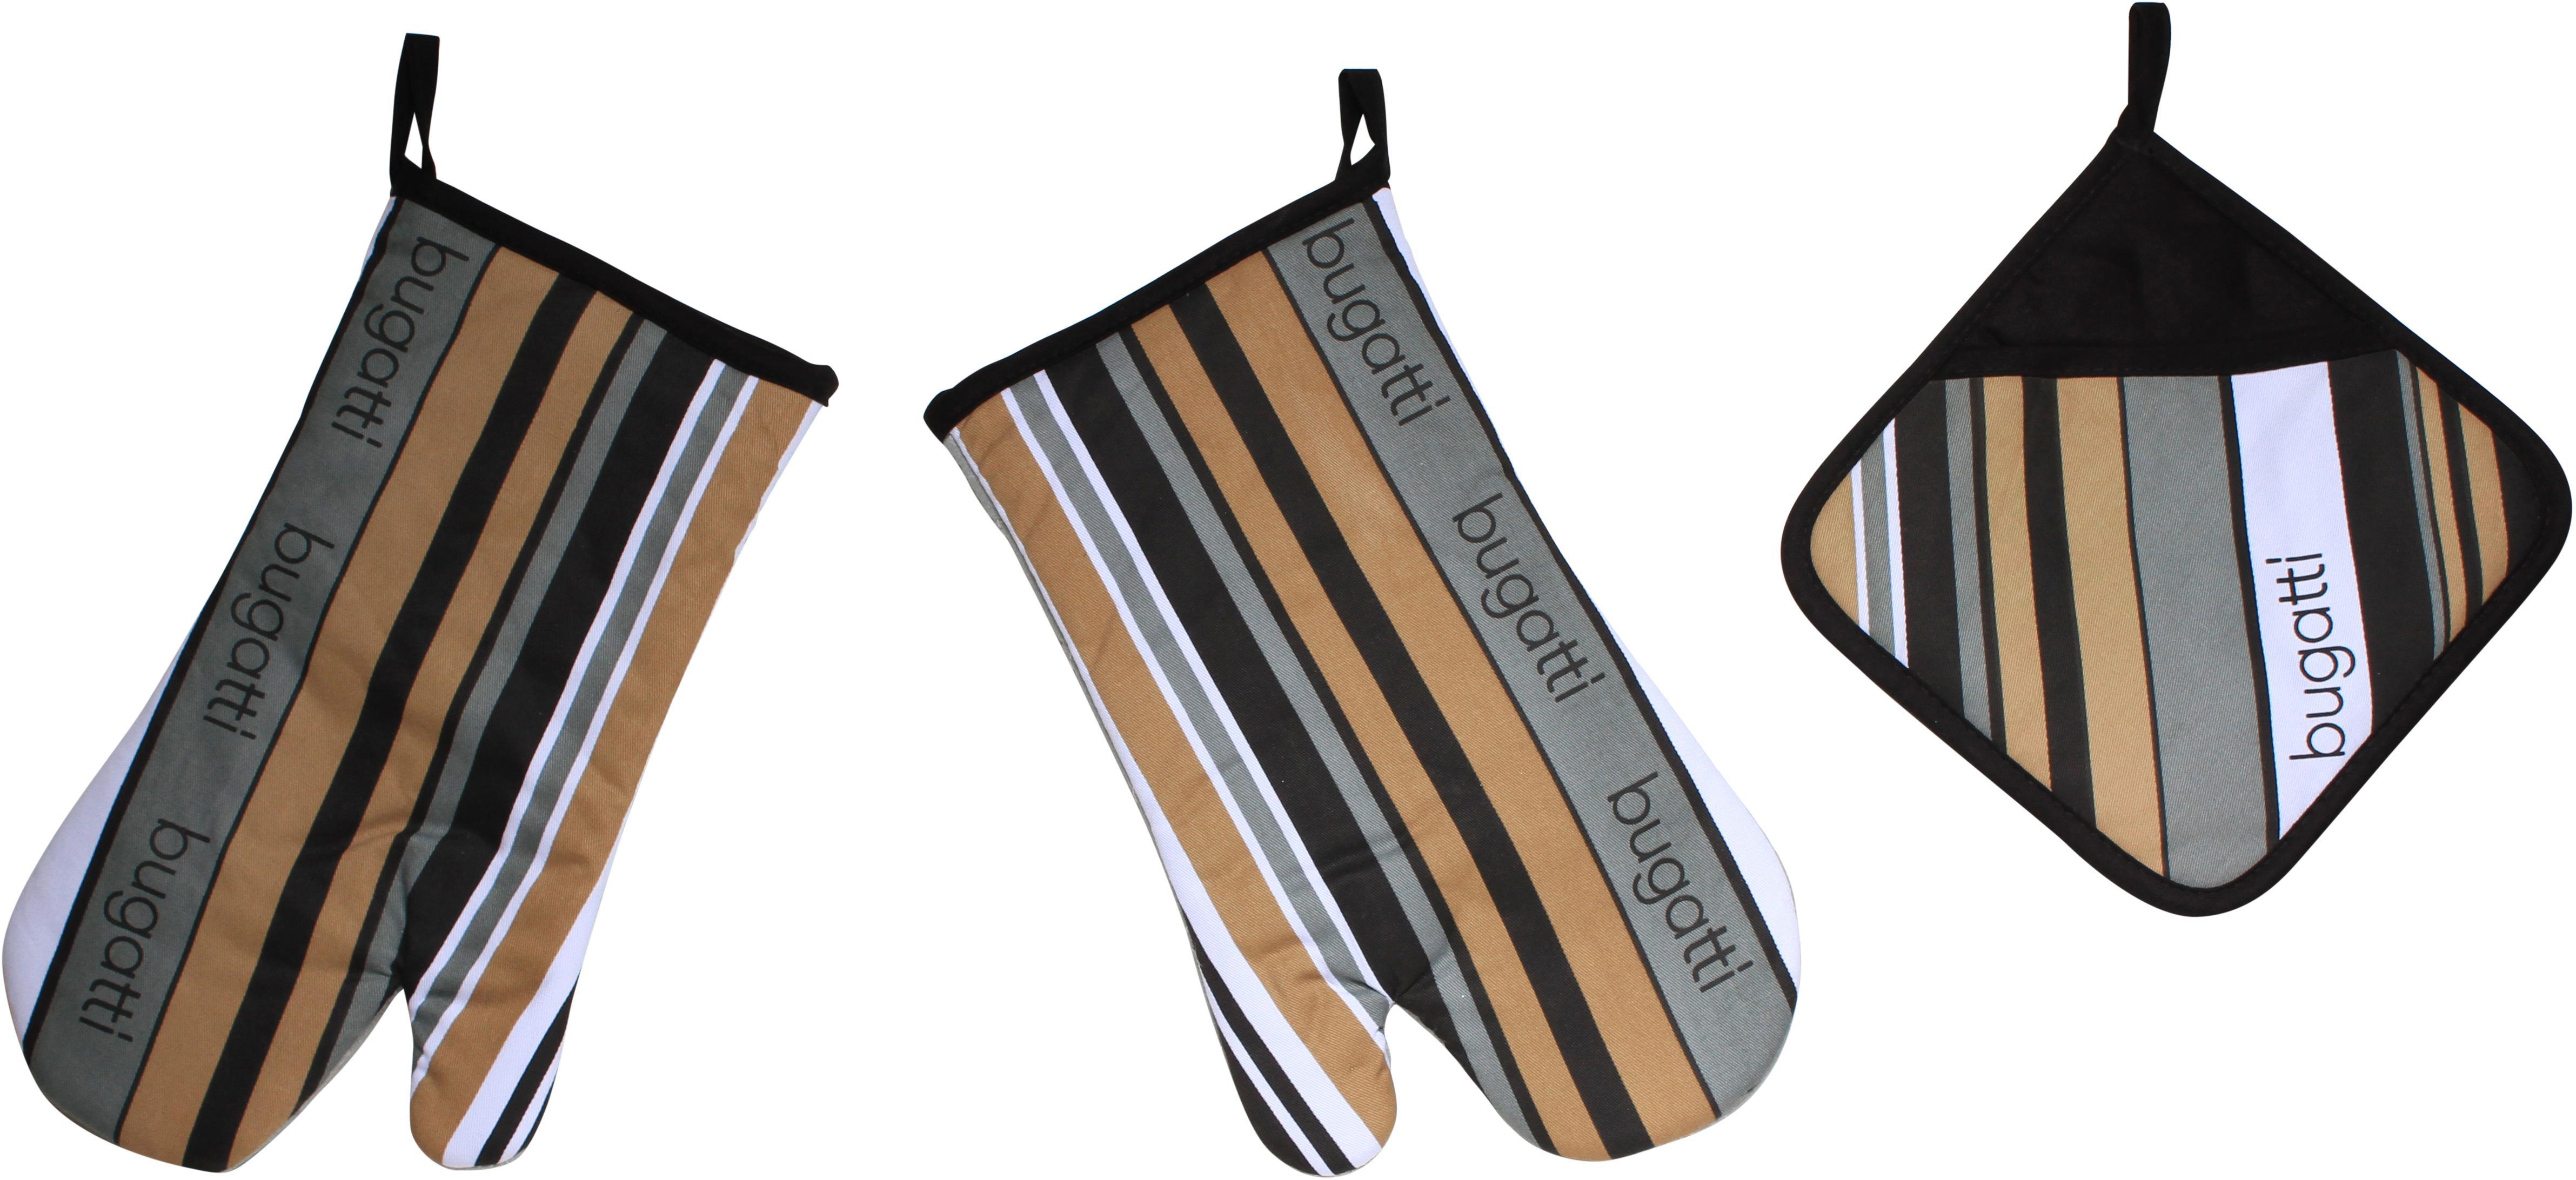 bugatti Topfhandschuhe Tape bunt Topflappen und Topfhandschuh Kochen Backen Haushaltswaren